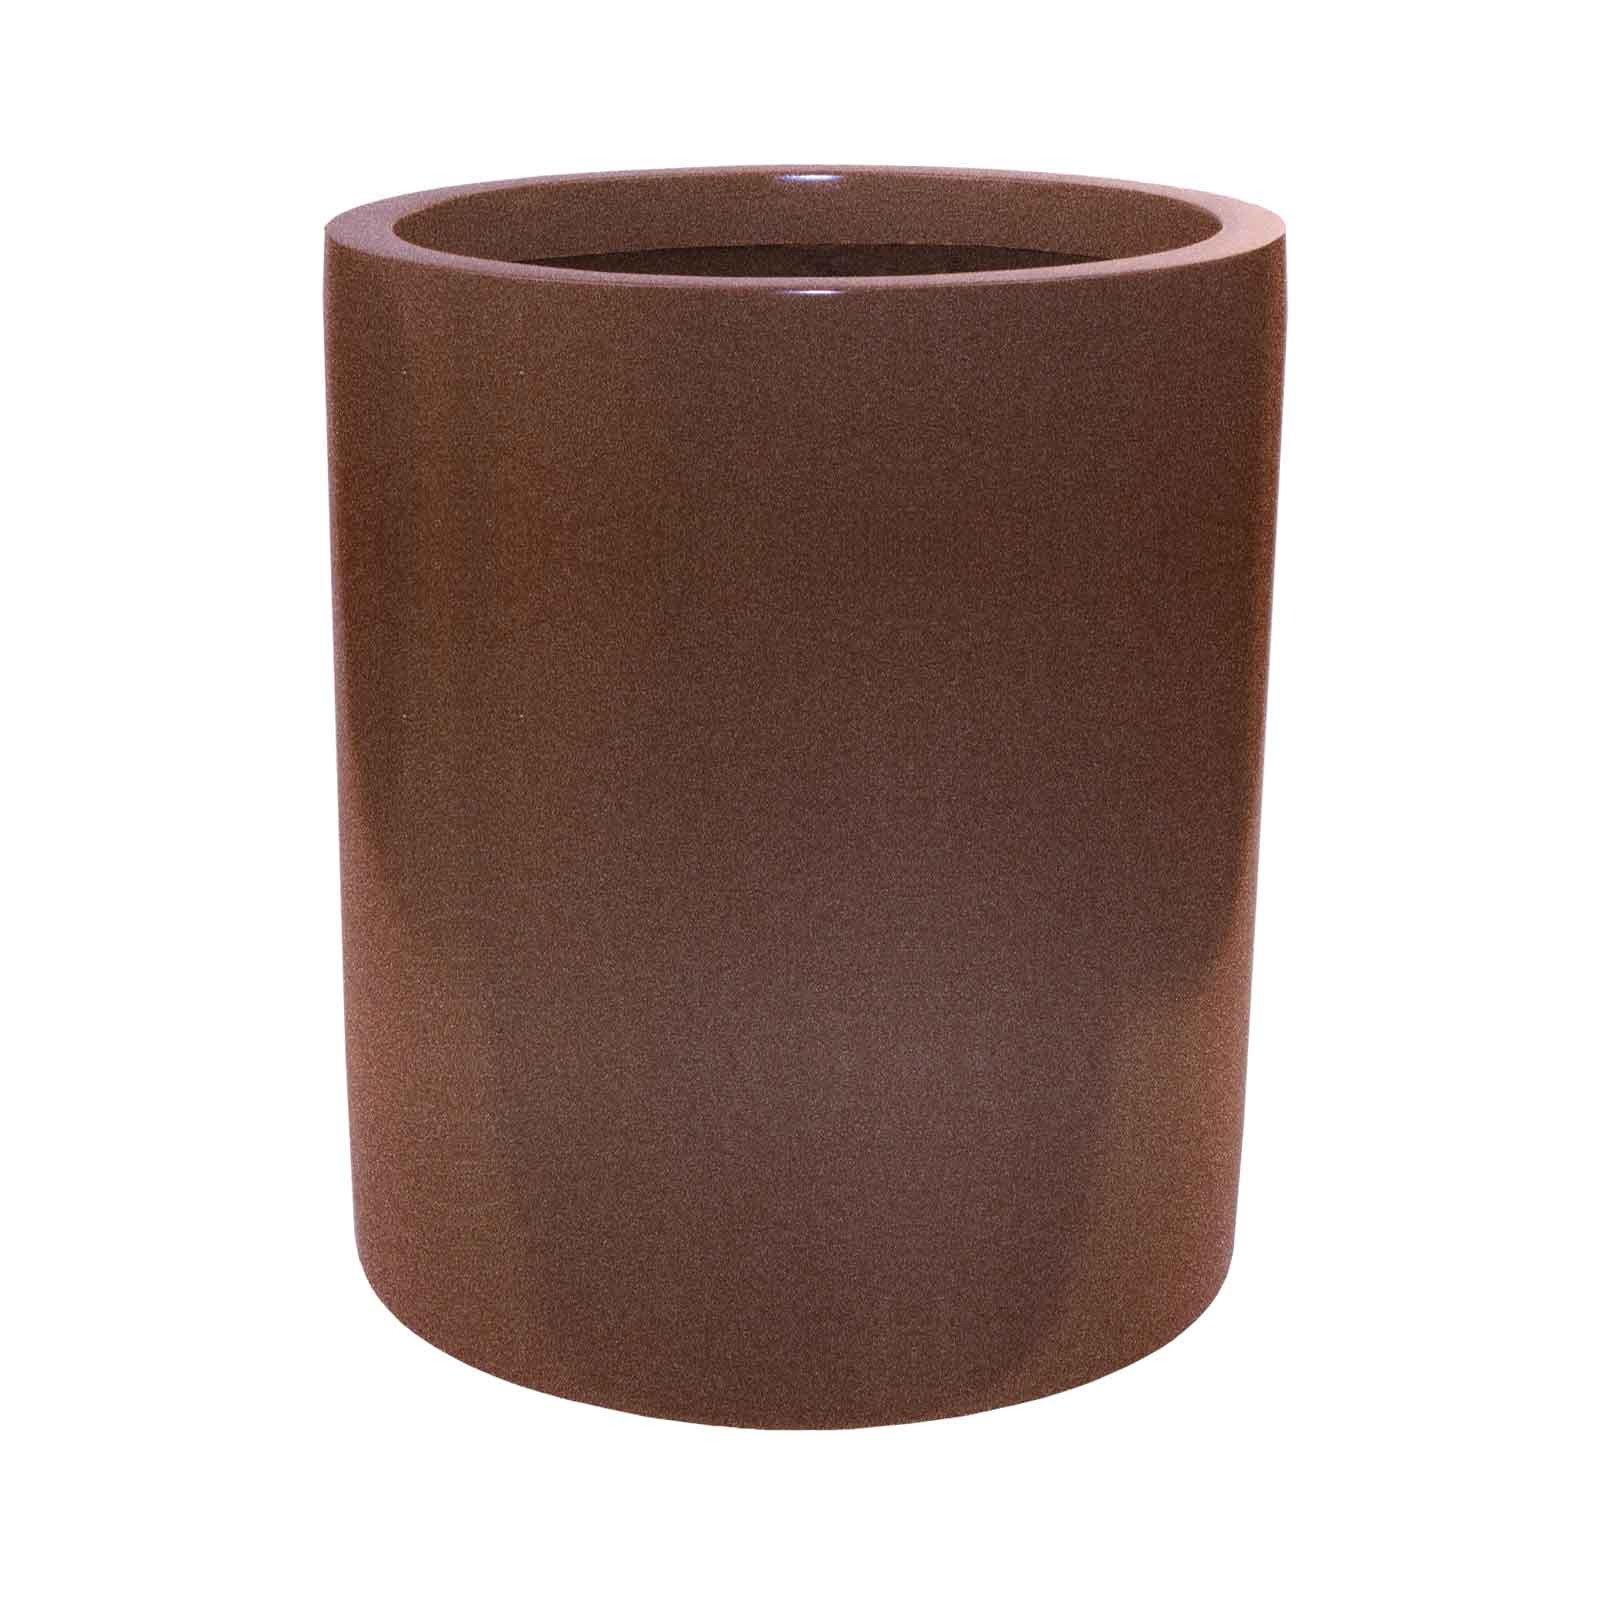 Modern Tall Cylinder Planter - Fiberglass - 18'/22' Diameters